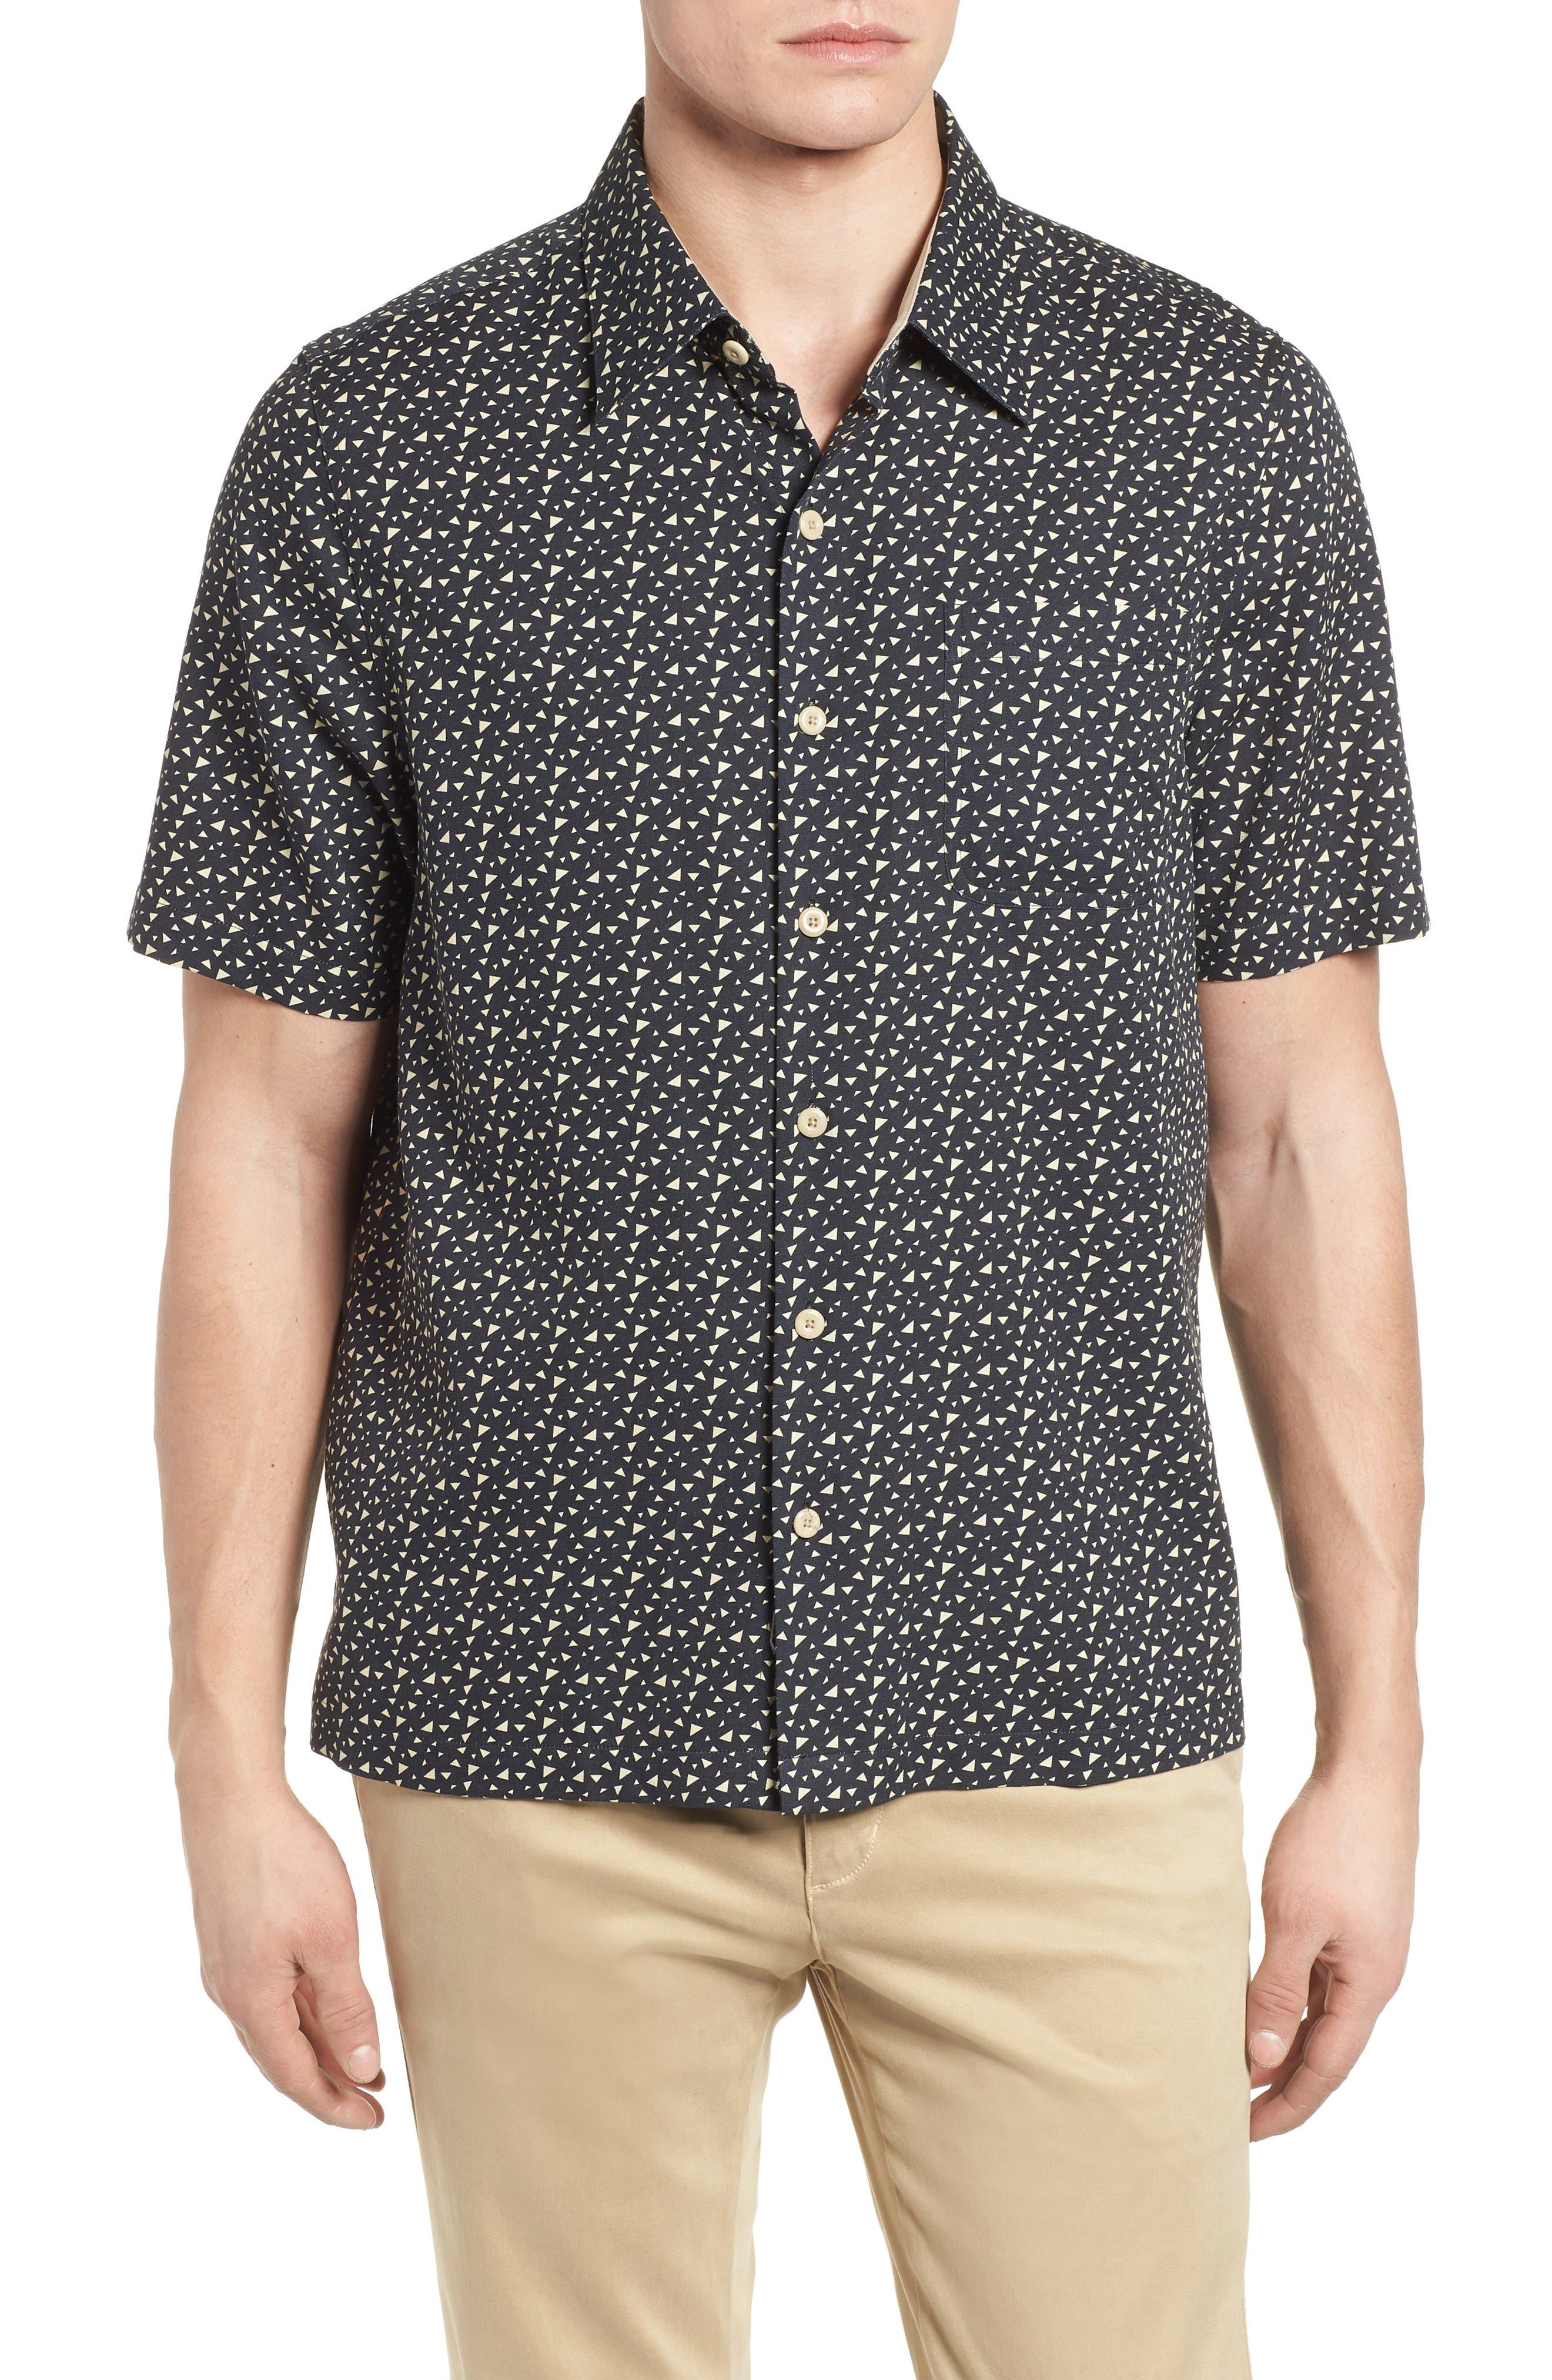 NAT NAST,                             Bermuda Triangle Camp Shirt,                             Main thumbnail 1, color,                             001